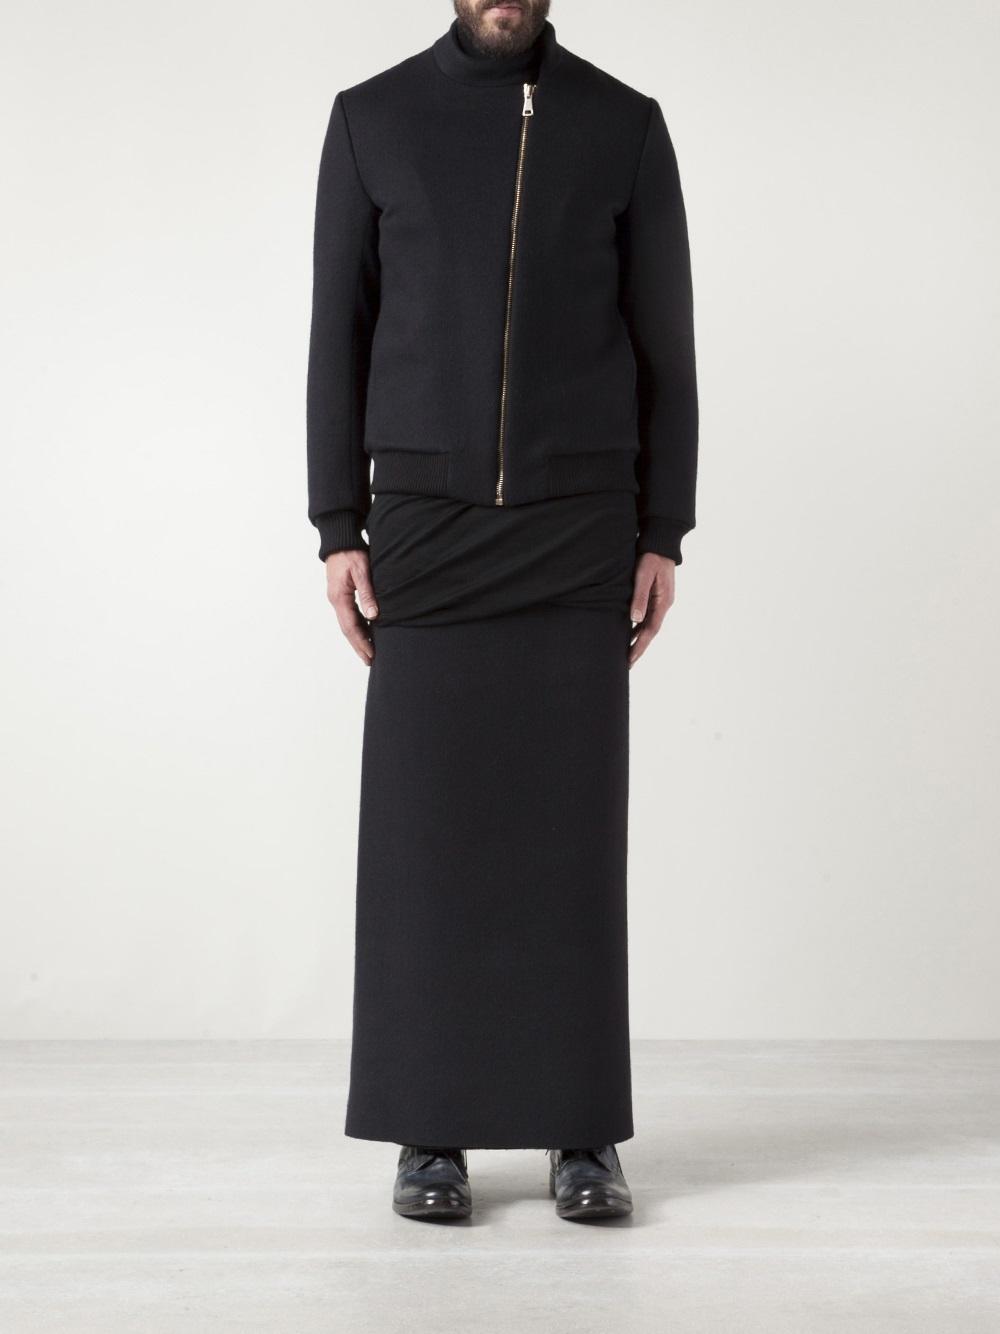 Thamanyah Asymmetrical Bomber Jacket in Black for Men